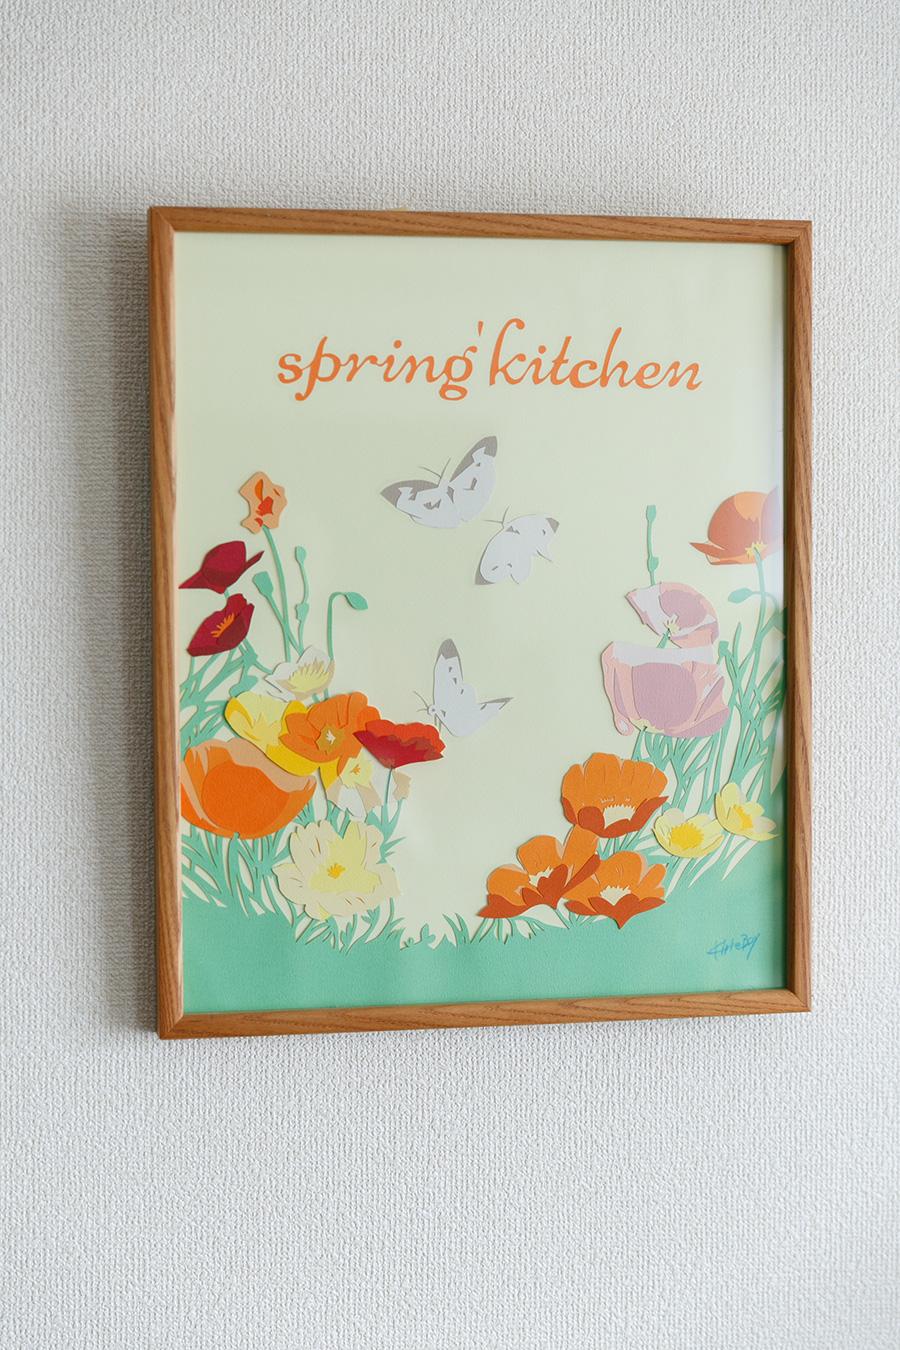 壁にかけられていた素敵な切り絵のボード。「spring' kitchen」という名前には、「春のような心温まるやさしい居場所でありたい」という思いが込められている。